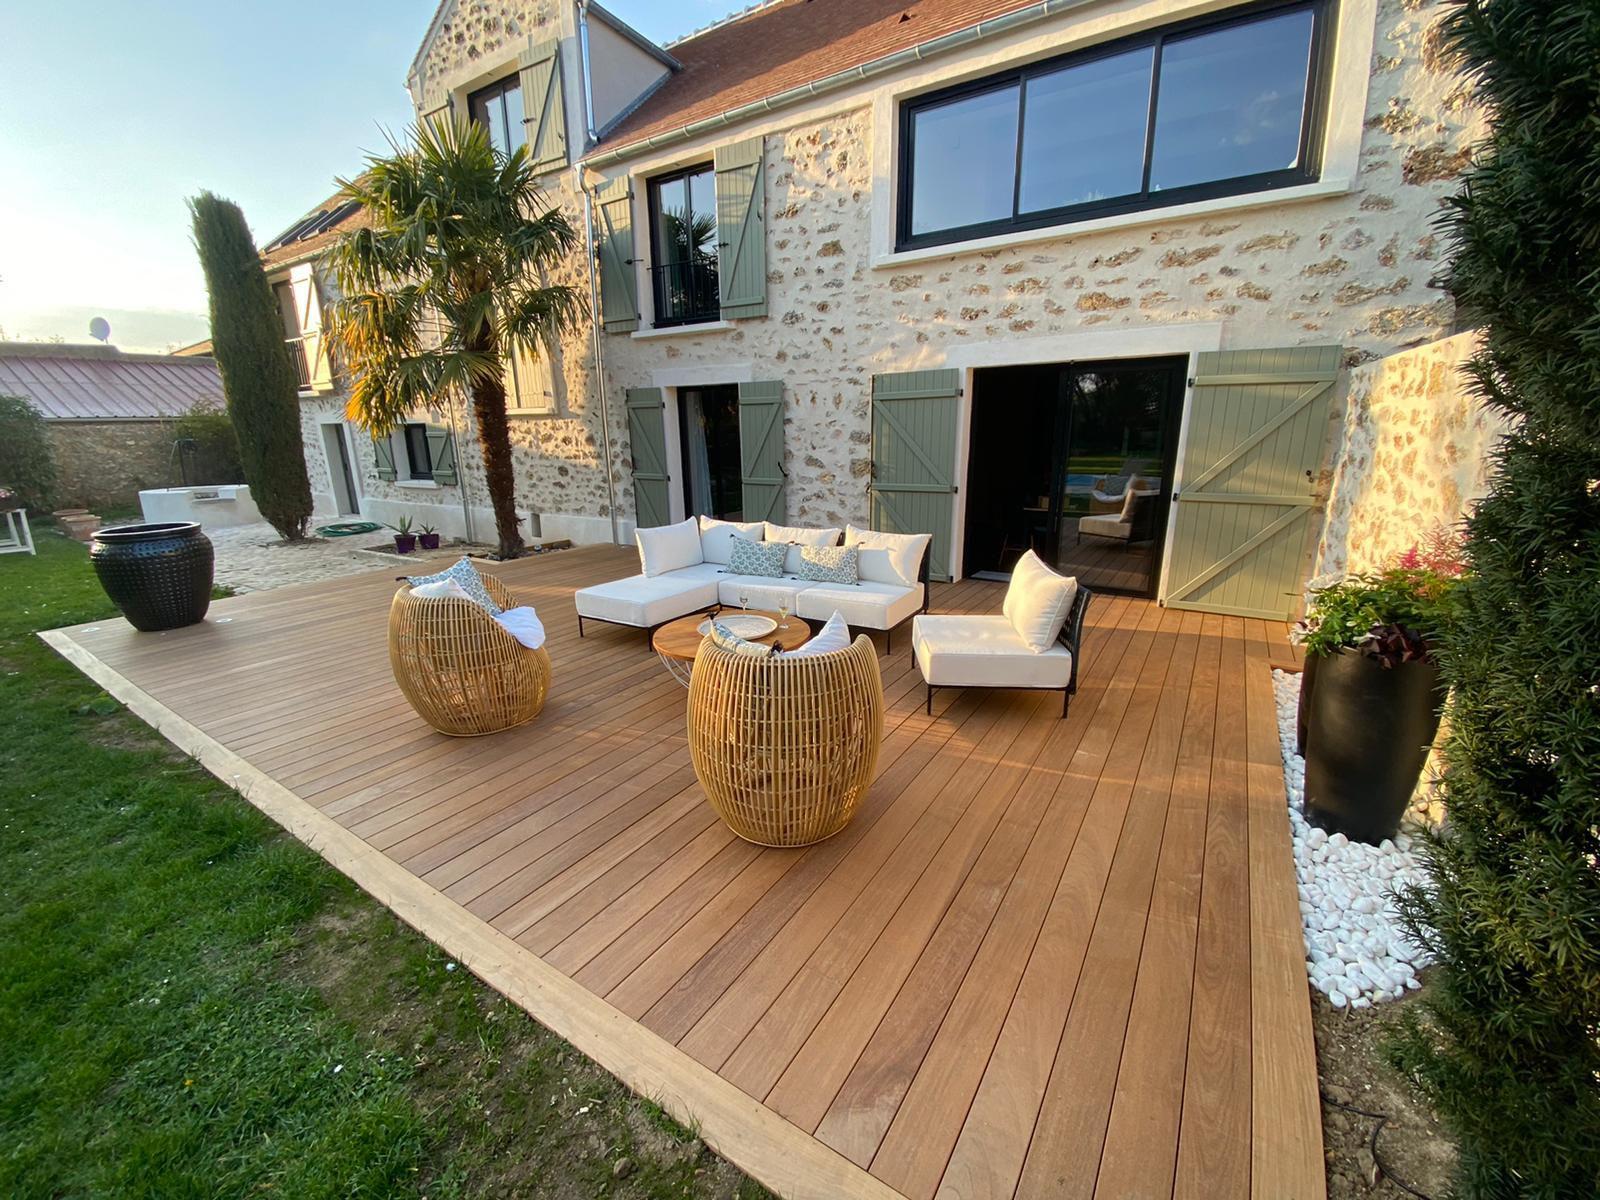 Terrasse en Ipe premium, lames complètes posées à l'aide de clips inox noirs. Eclairage spots led inox. Pose en Partie sur pavés et agrandissement sur terre.